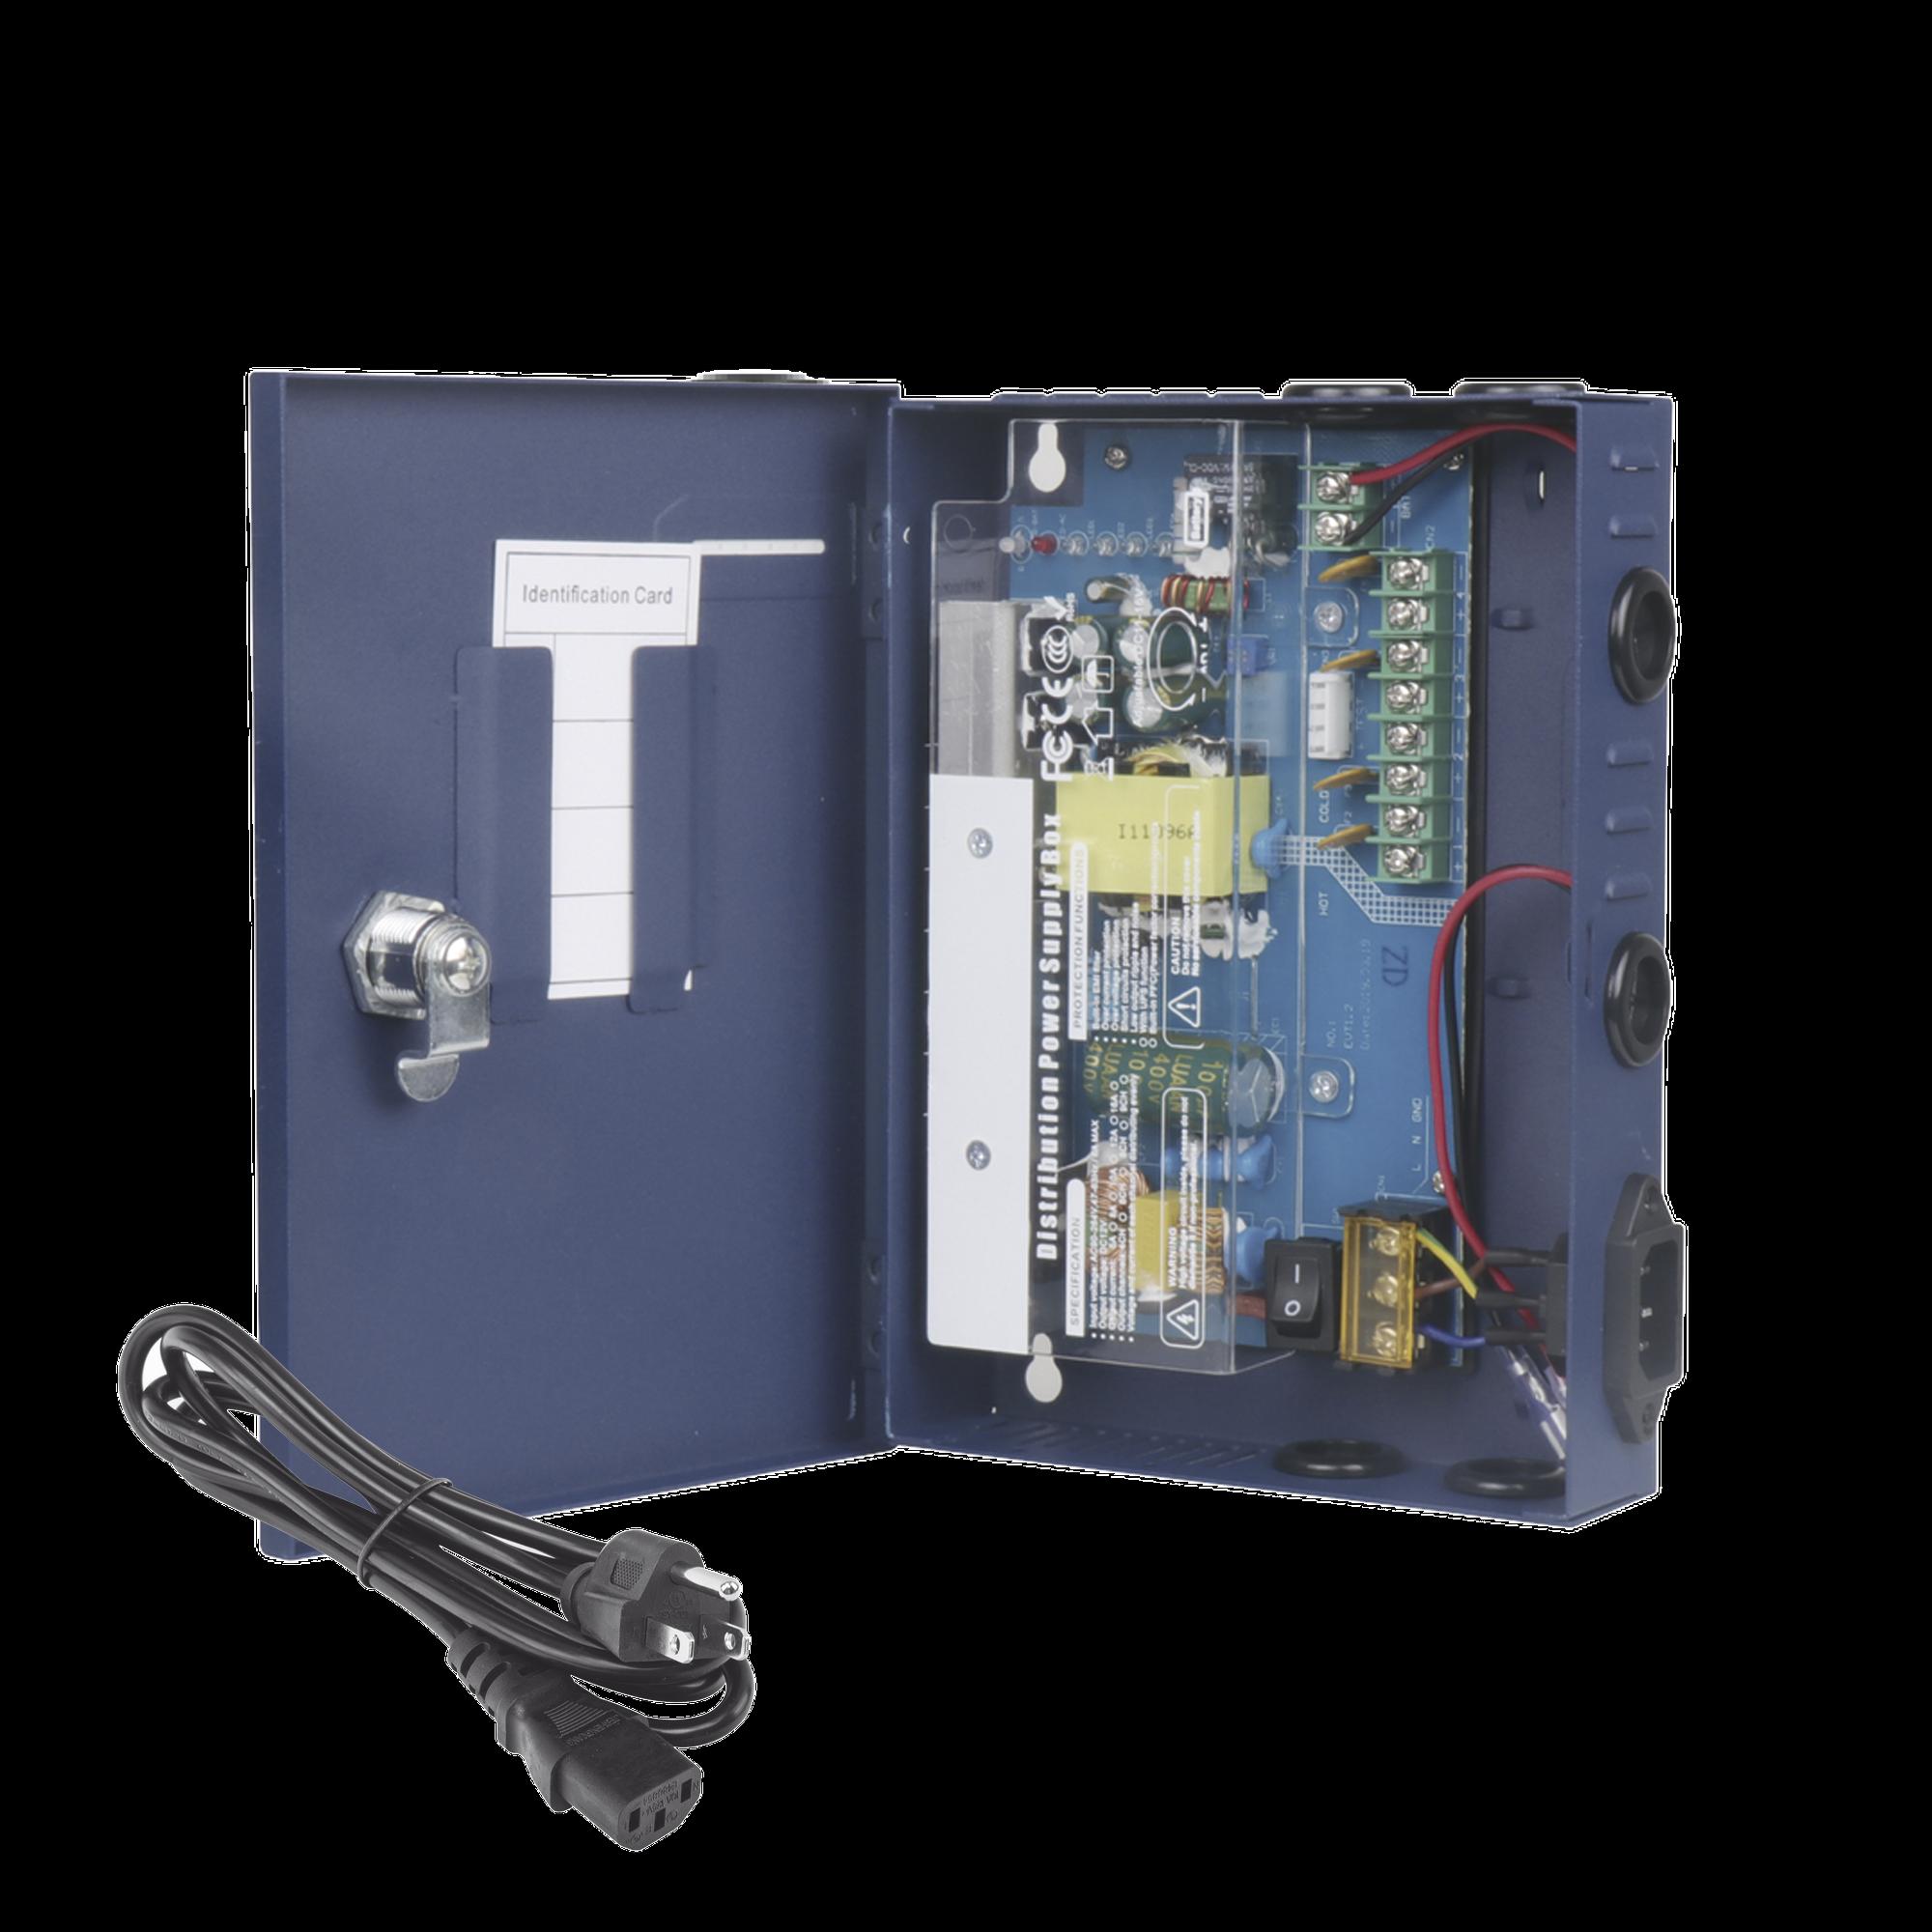 Fuente de alimentación ALTO RENDIMIENTO de 11 - 15 Vcd @ 6 Amper, 4 canales de salida , con voltaje de entrada de: 96-264 Vca